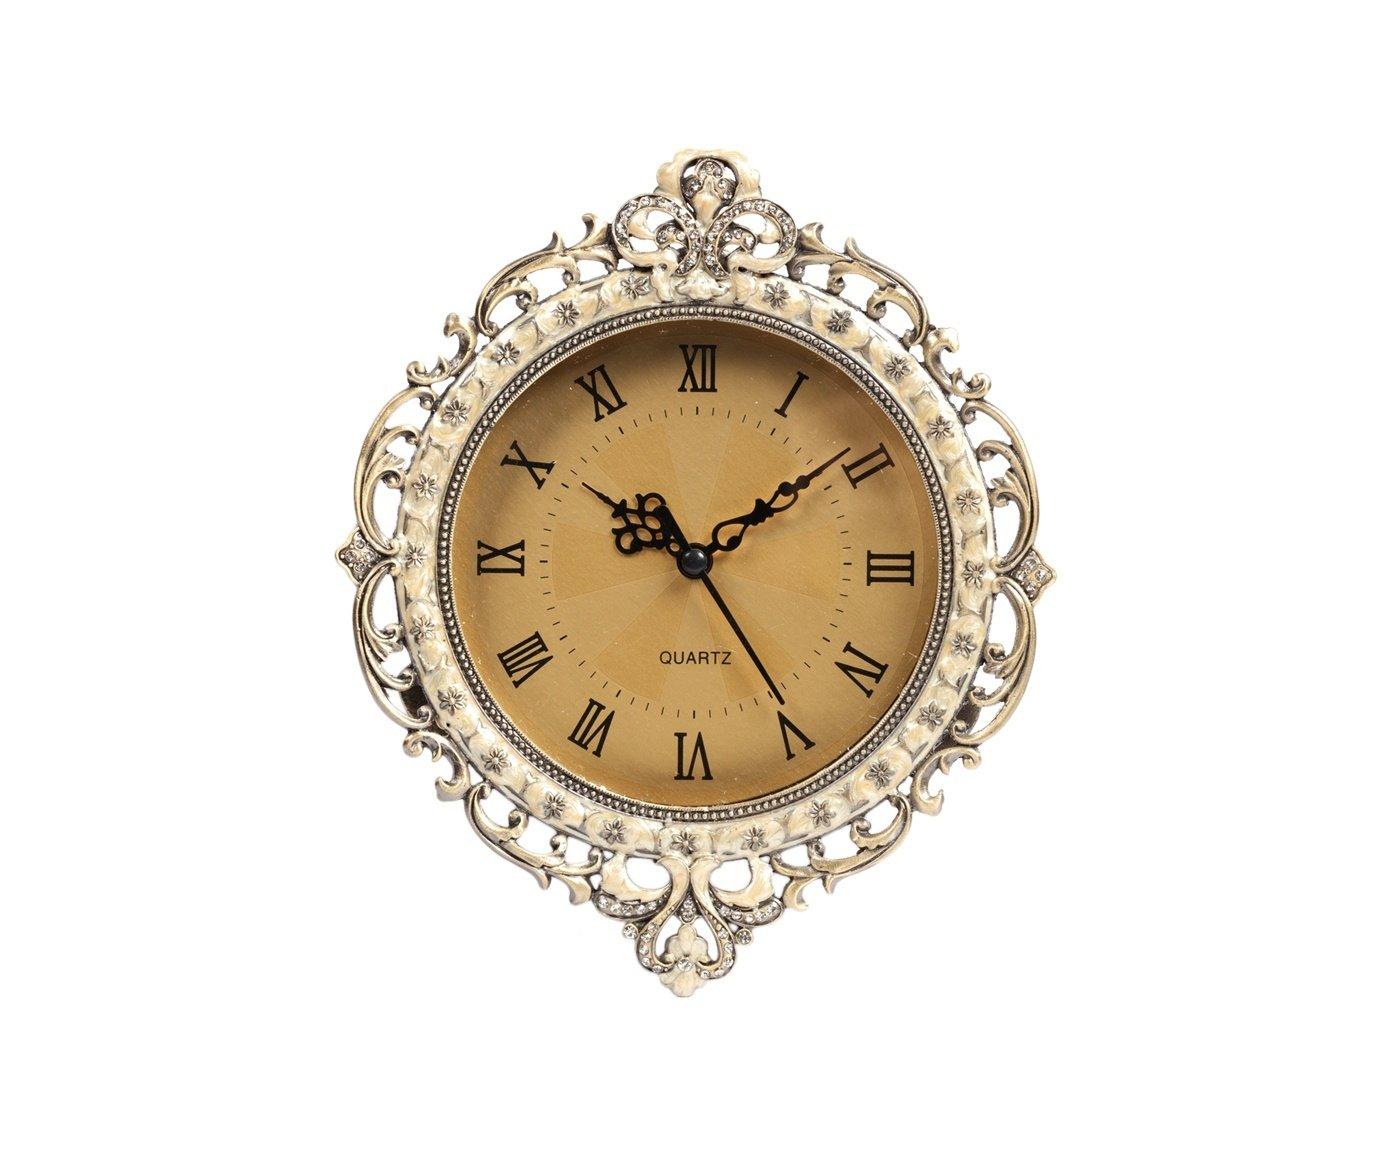 Настенные часы QuartzЧасы<br>Настенные часы Quartz — оригинальный и изысканный <br>элемент декора, который помимо своей основной <br>функции, доставит вам эстетическое наслаждение. <br>Строгий классический циферблат с римскими <br>цифрами безупречно согласуется с роскошной <br>оловянной вязью в виде завитков на корпусе <br>часов.<br><br>Цвет: Золото, Бежевый<br>Материал: Металл<br>Вес кг: 0,8<br>Длина см: 20,5<br>Ширина см: 20,5<br>Высота см: 3